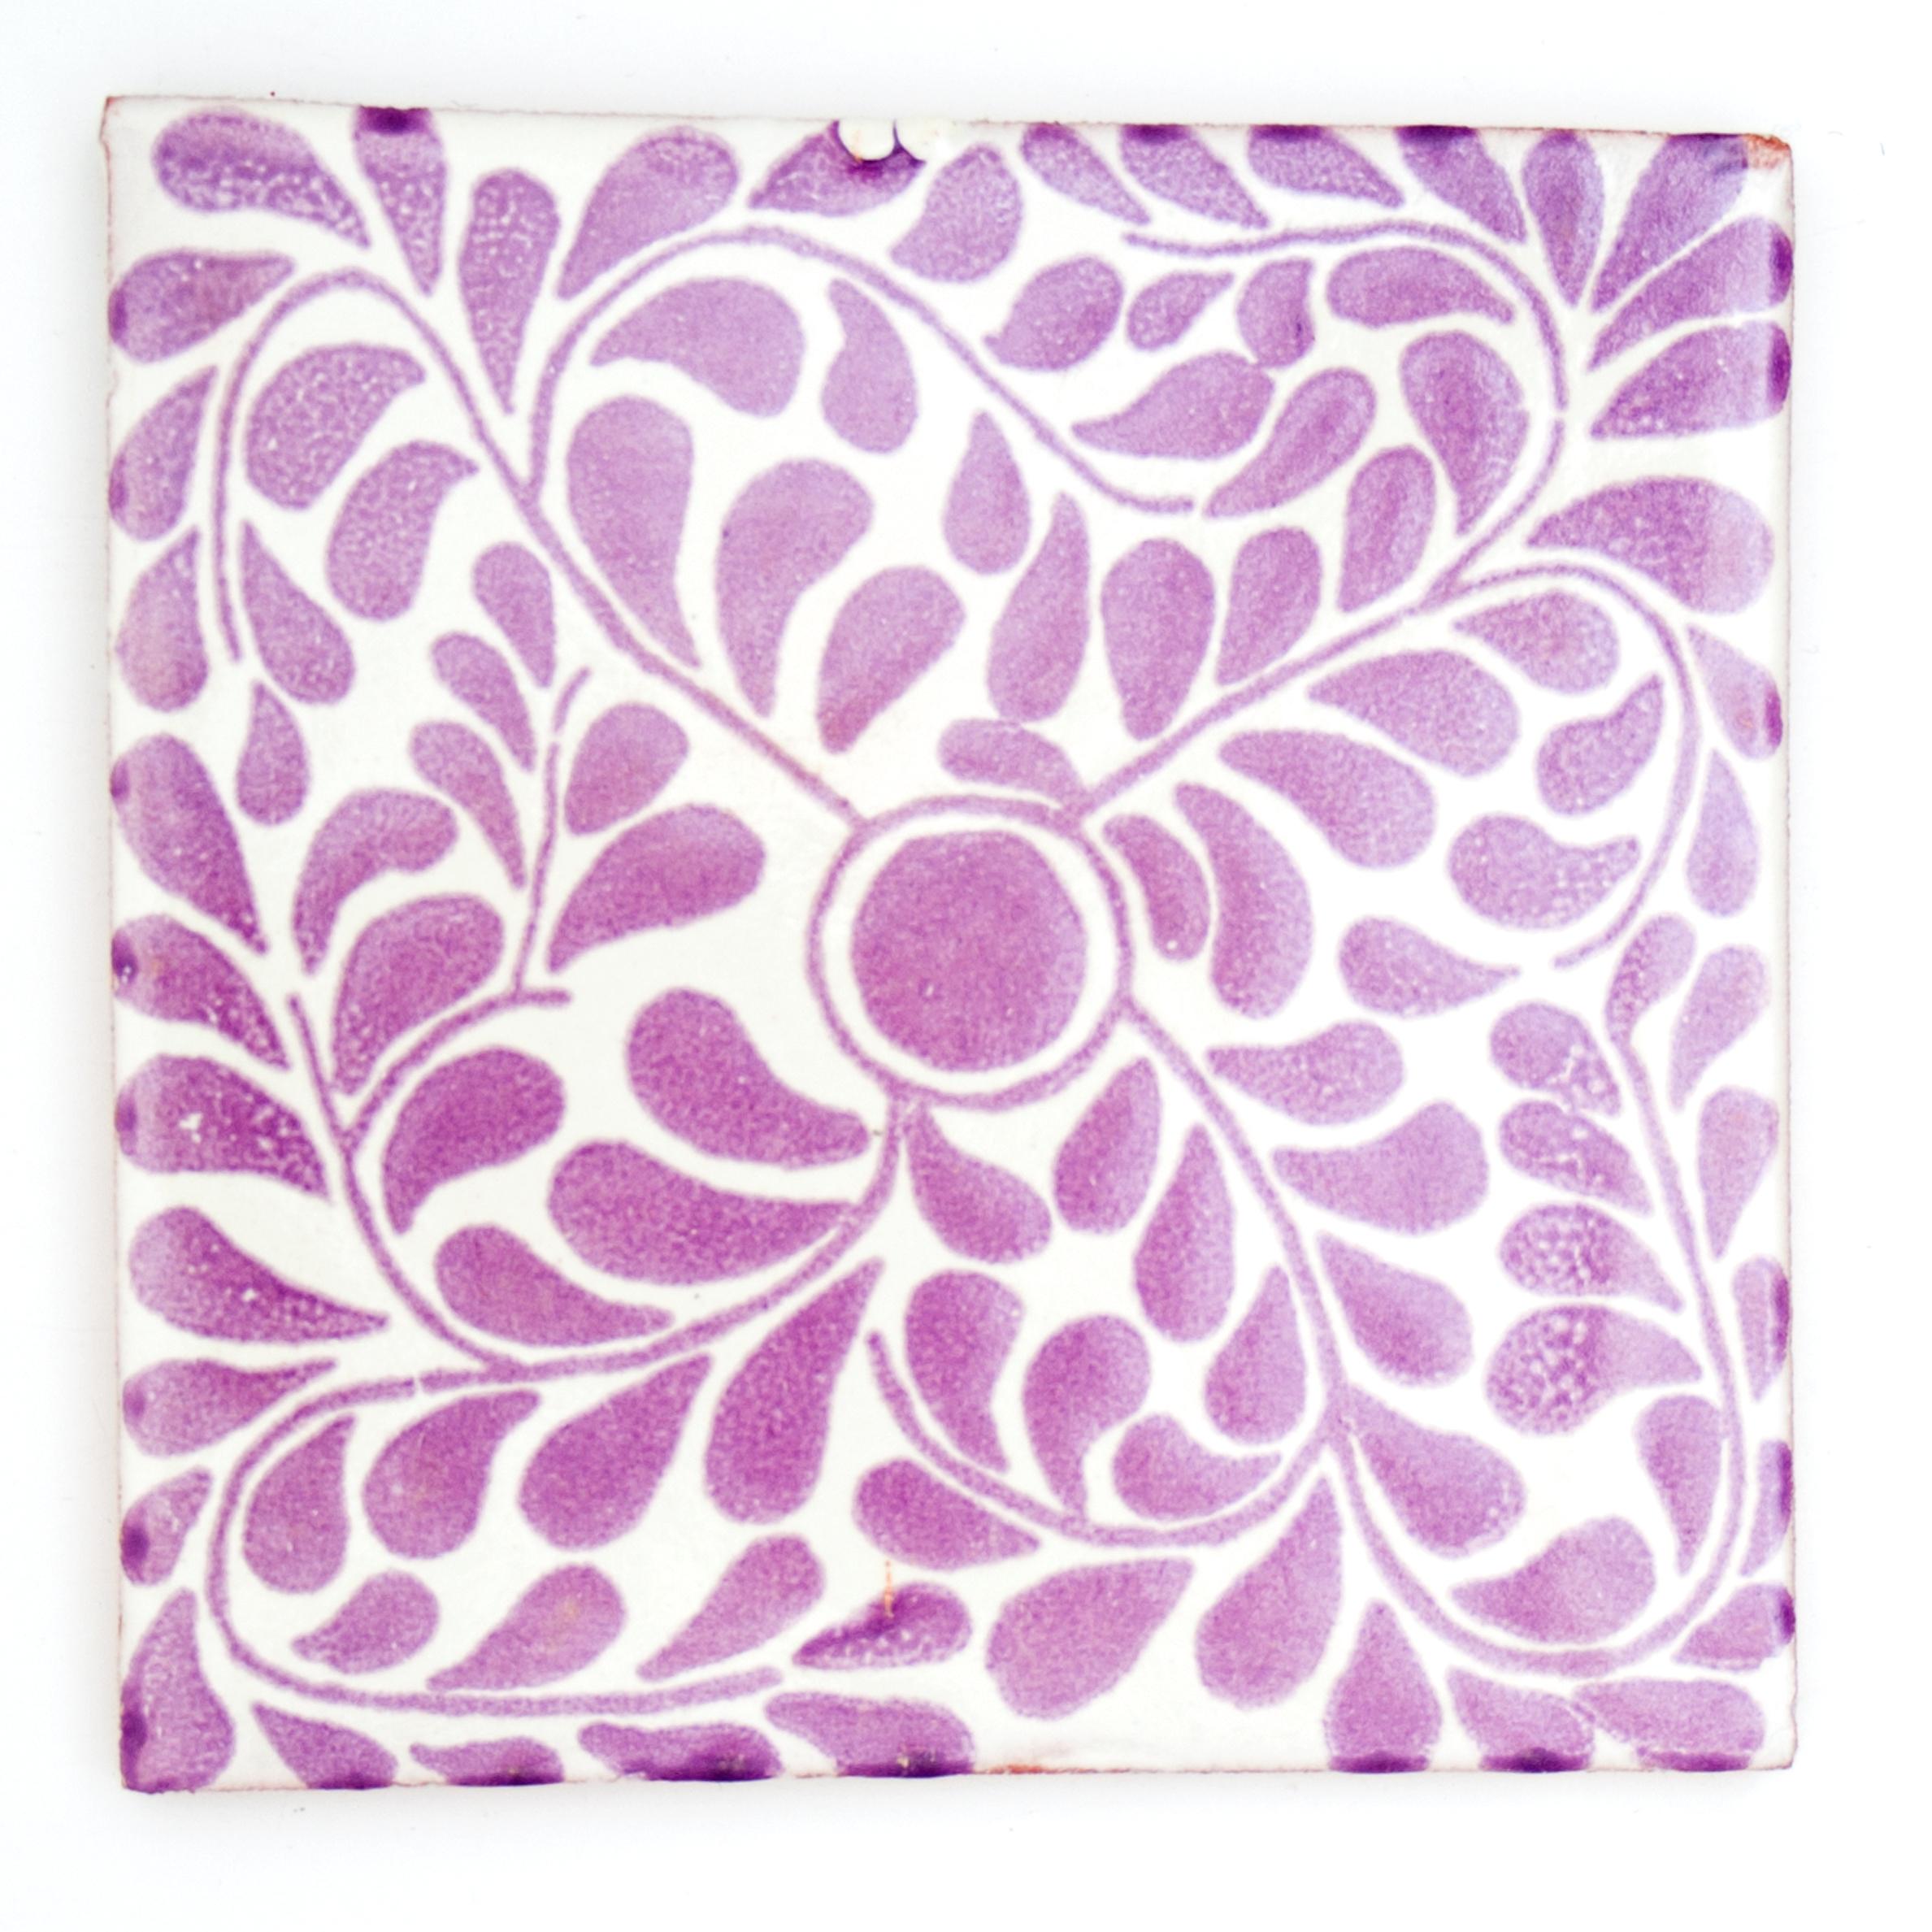 capelo lilac hand made tiles